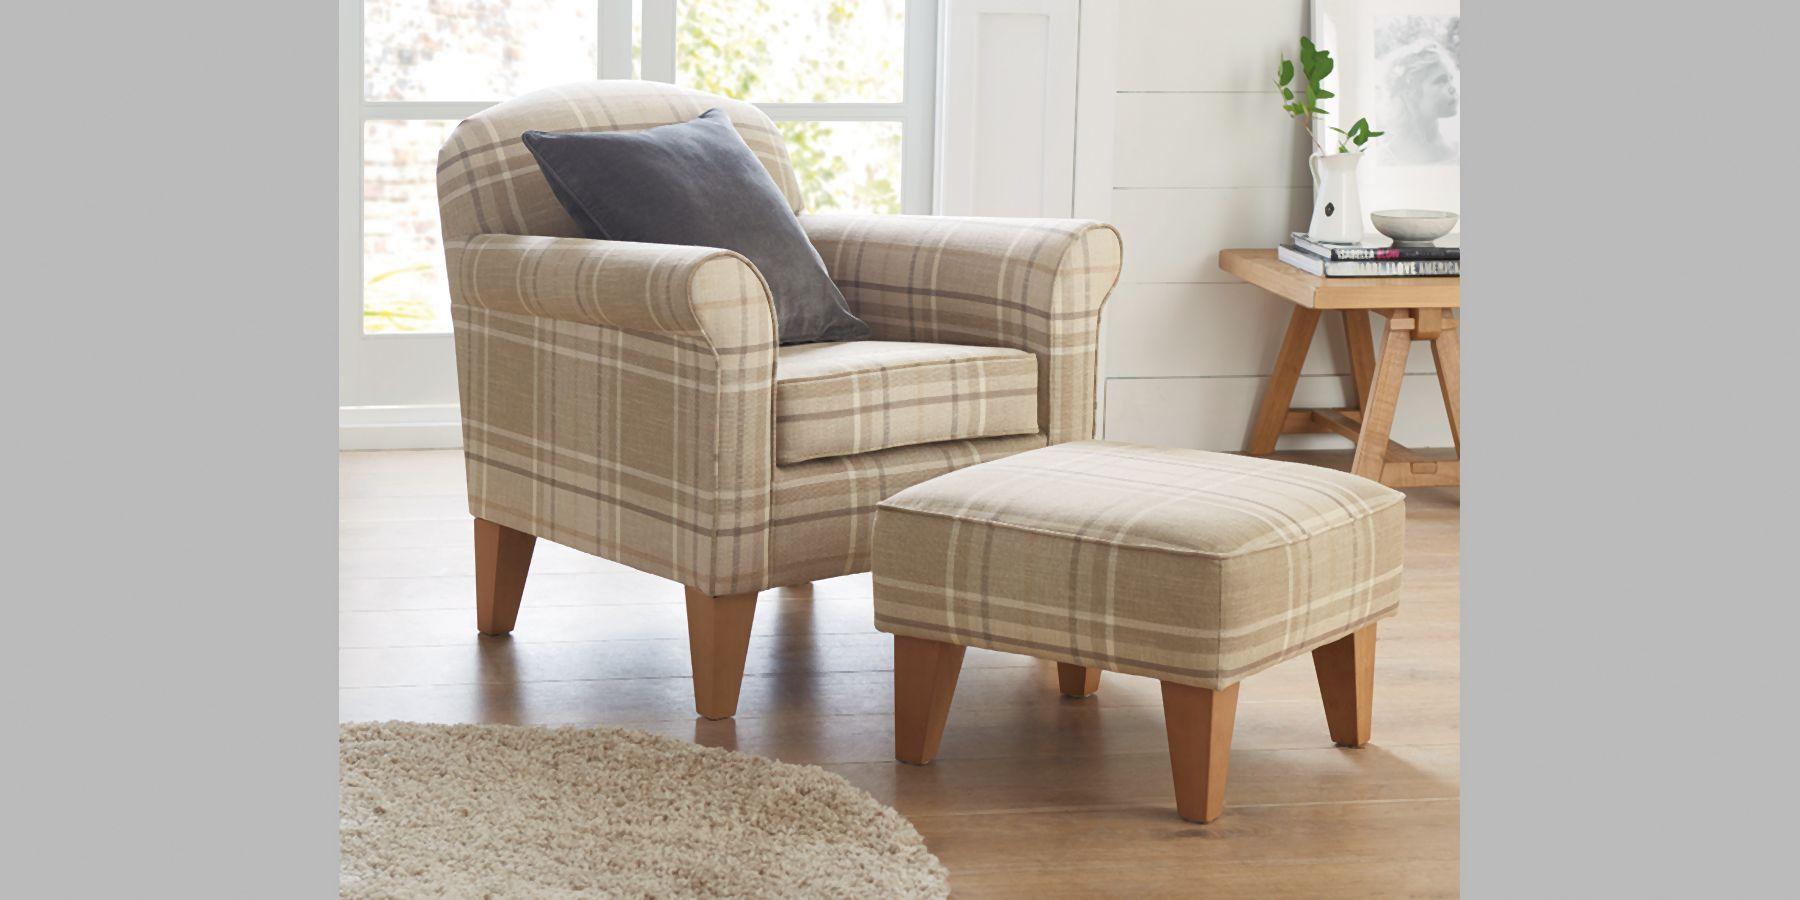 Buy Lottie From The Next Uk Online Shop Furniture Bedroom